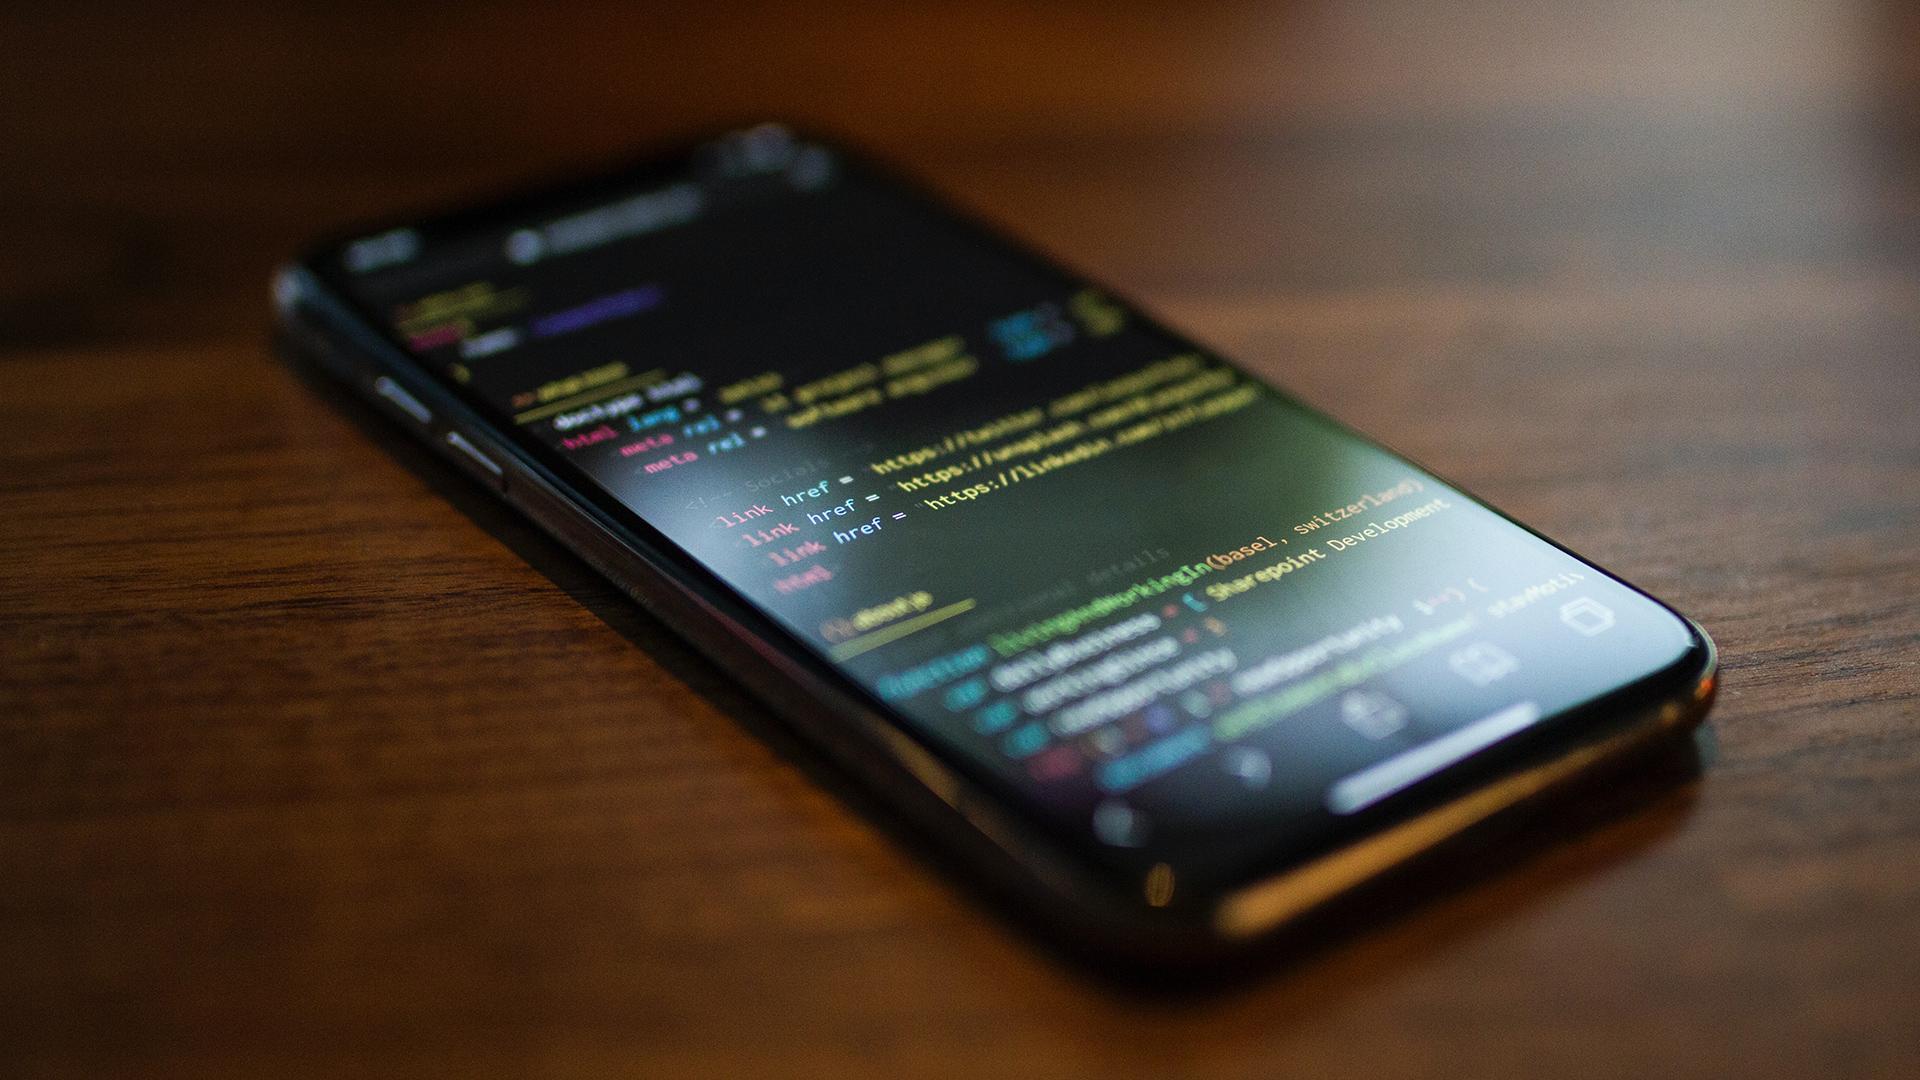 Bina-Qurani-Belajar-Pemrograman-Android